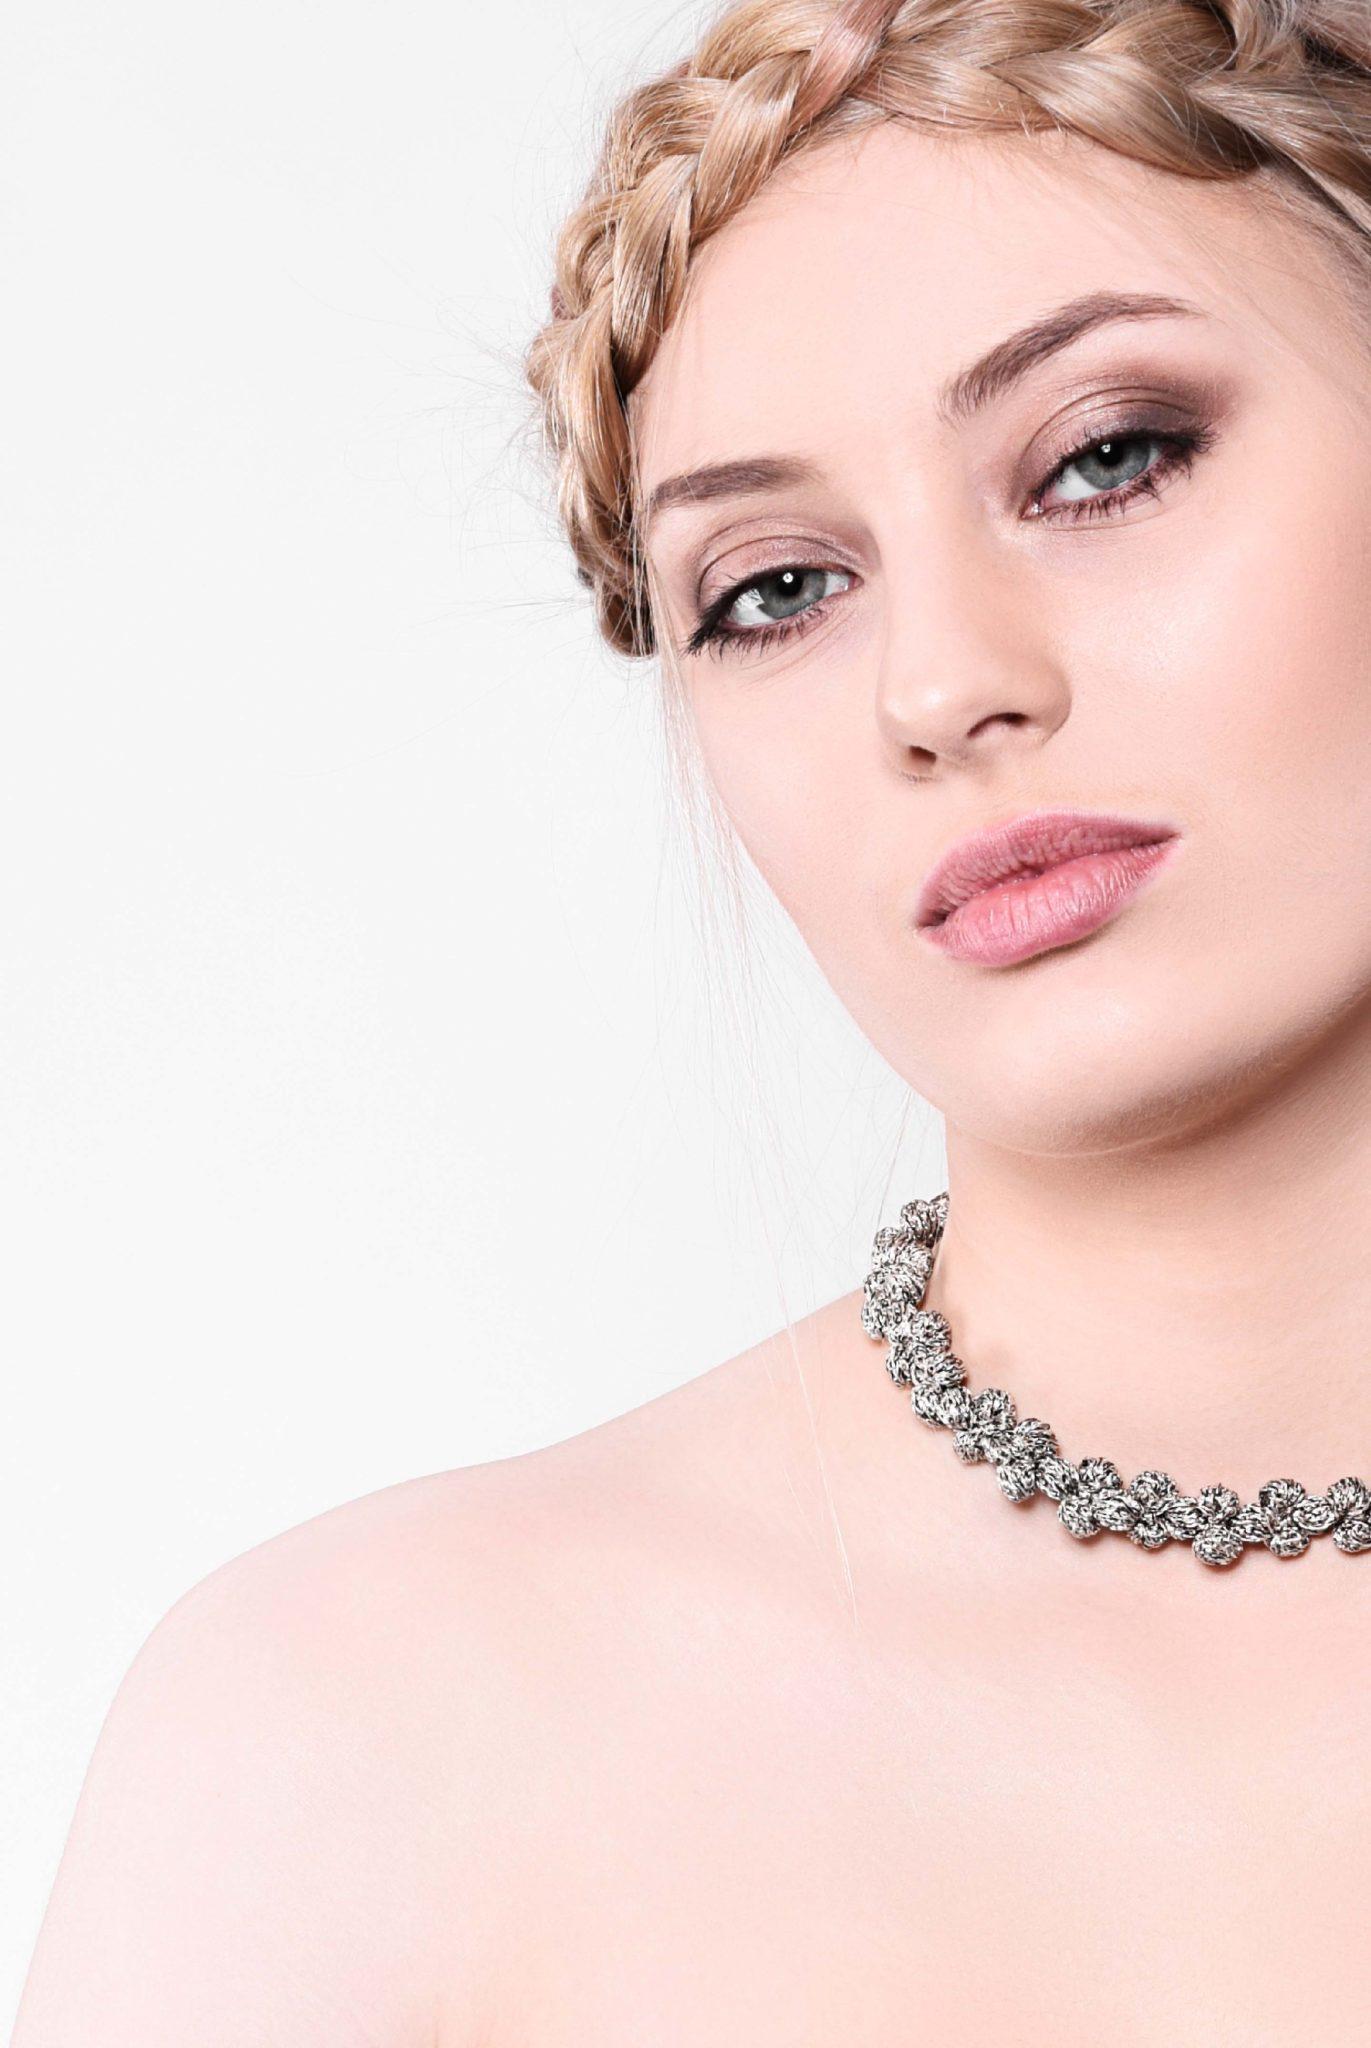 www.avantgarderobe.de-kriebel-schmuck-necklace-kette-fluegelperlen-silber